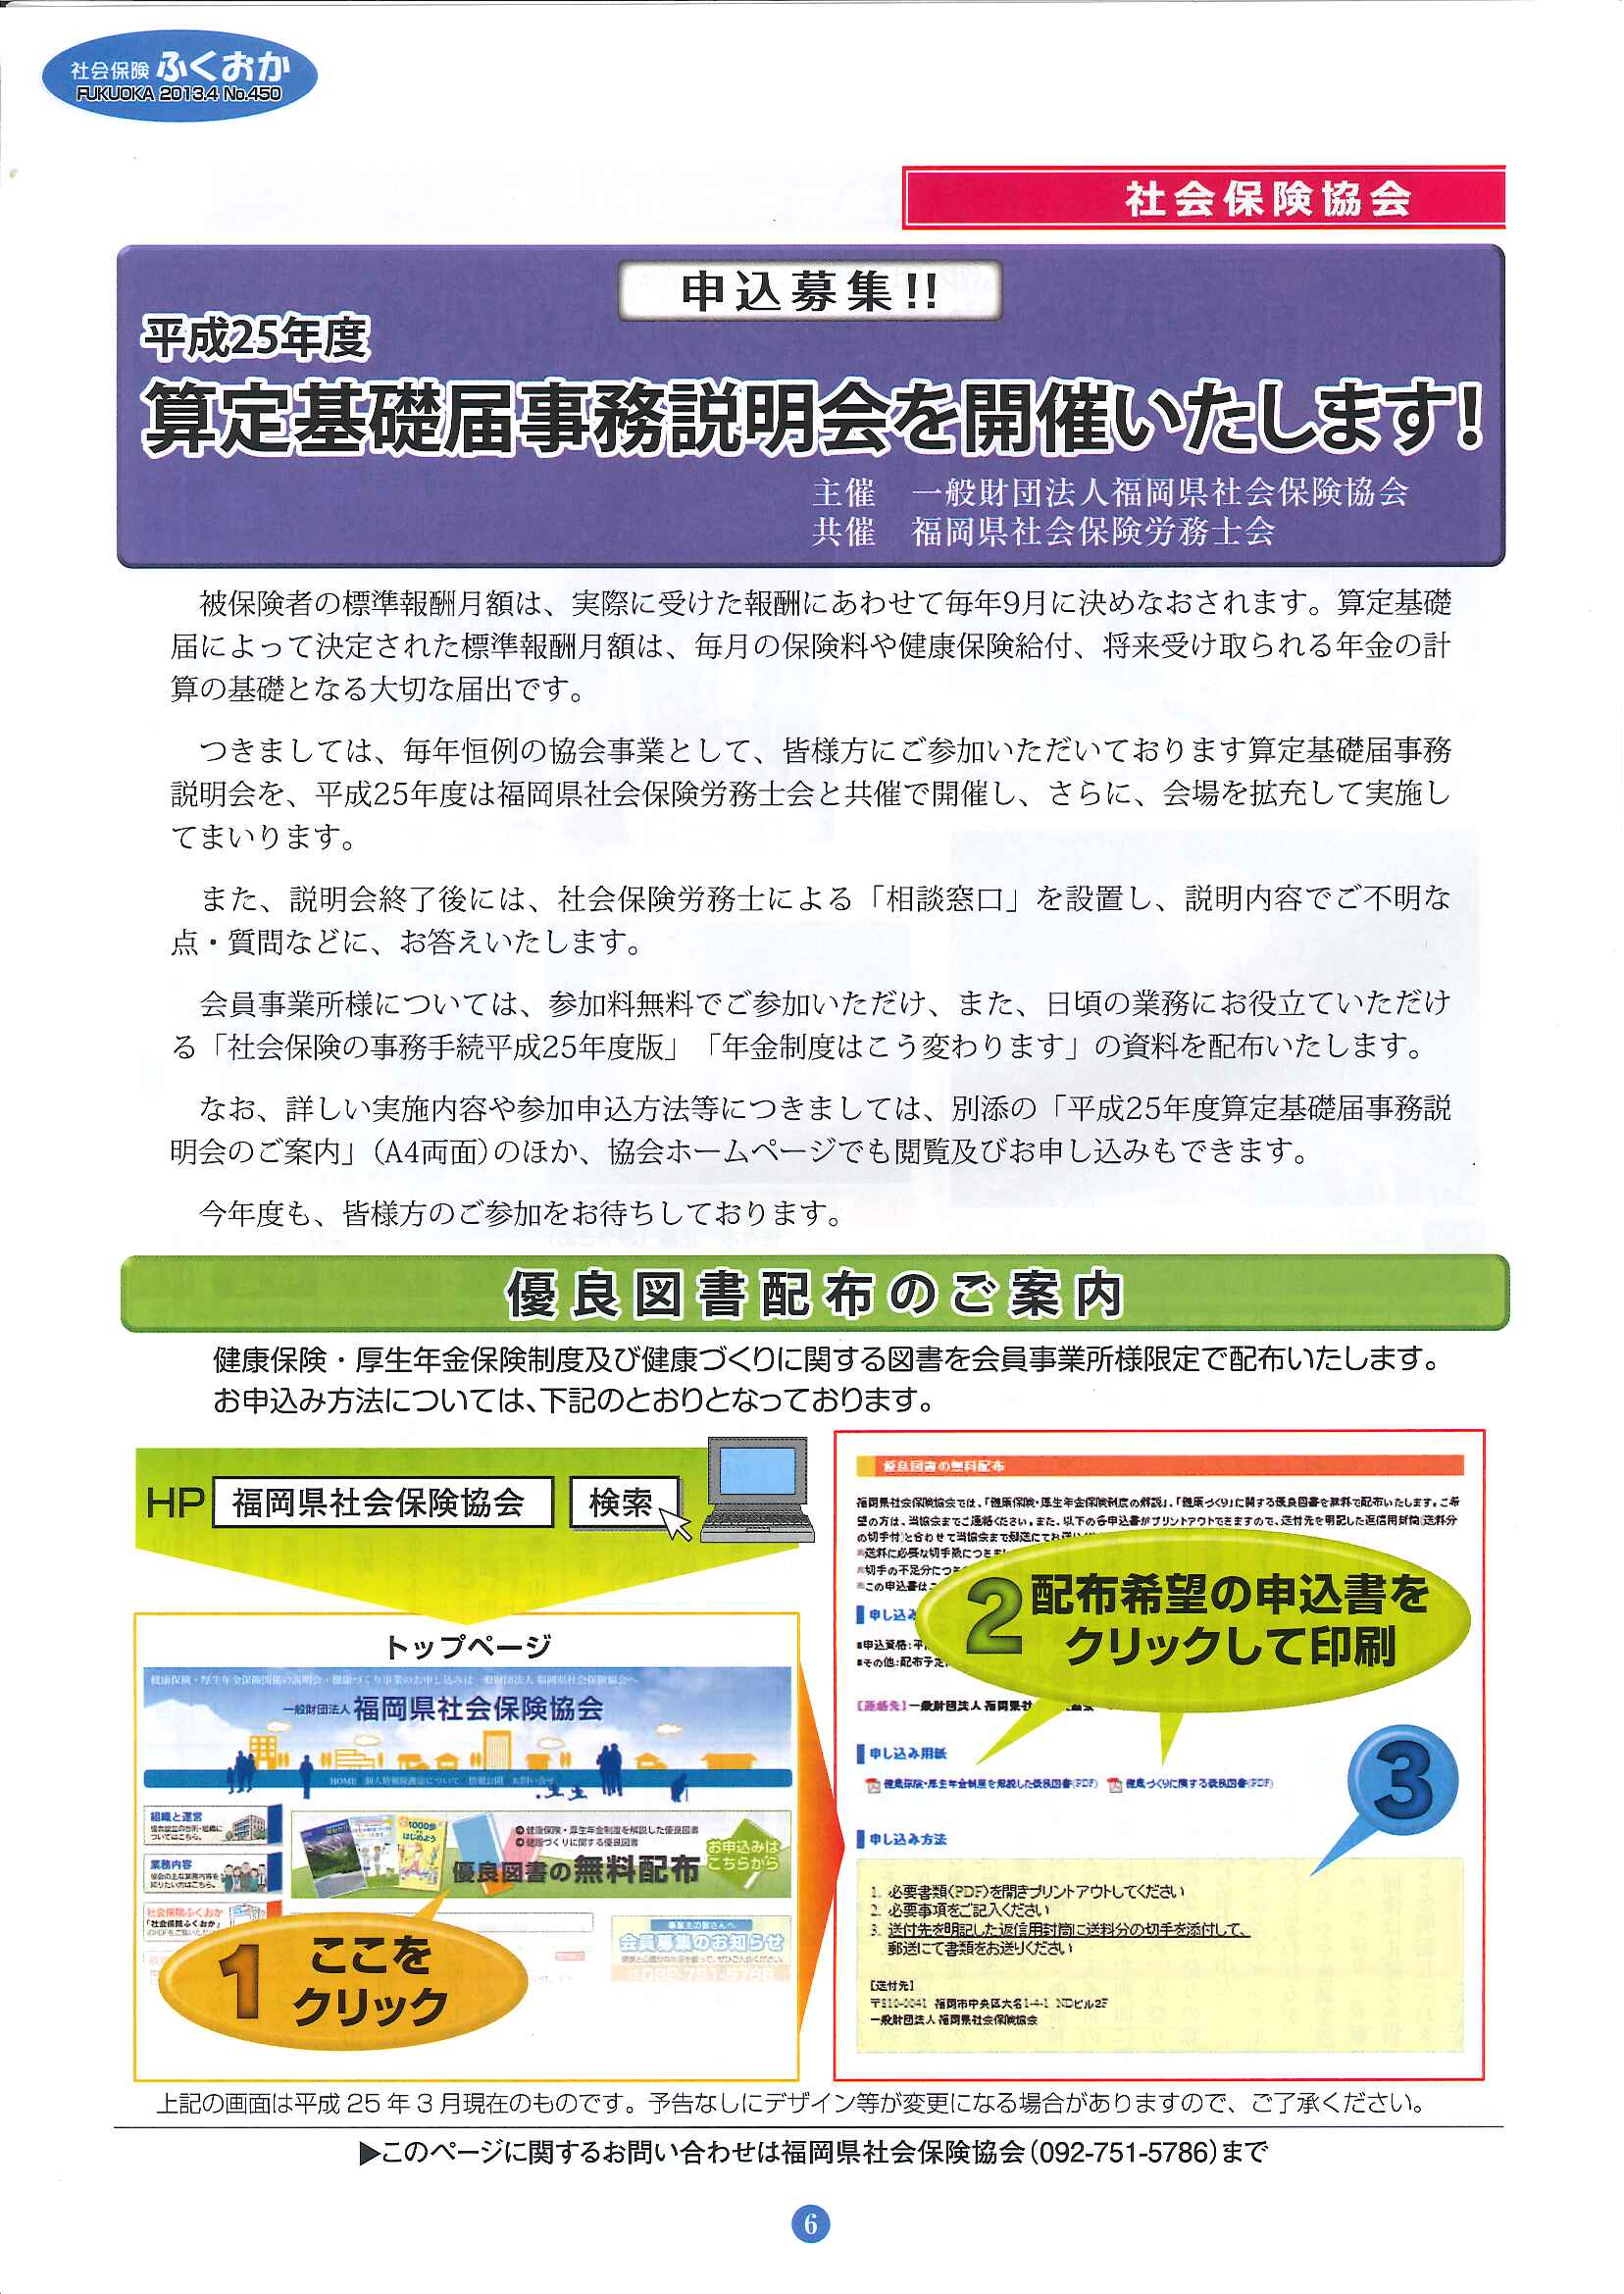 社会保険 「ふくおか」 2013年4月号_f0120774_15301928.jpg